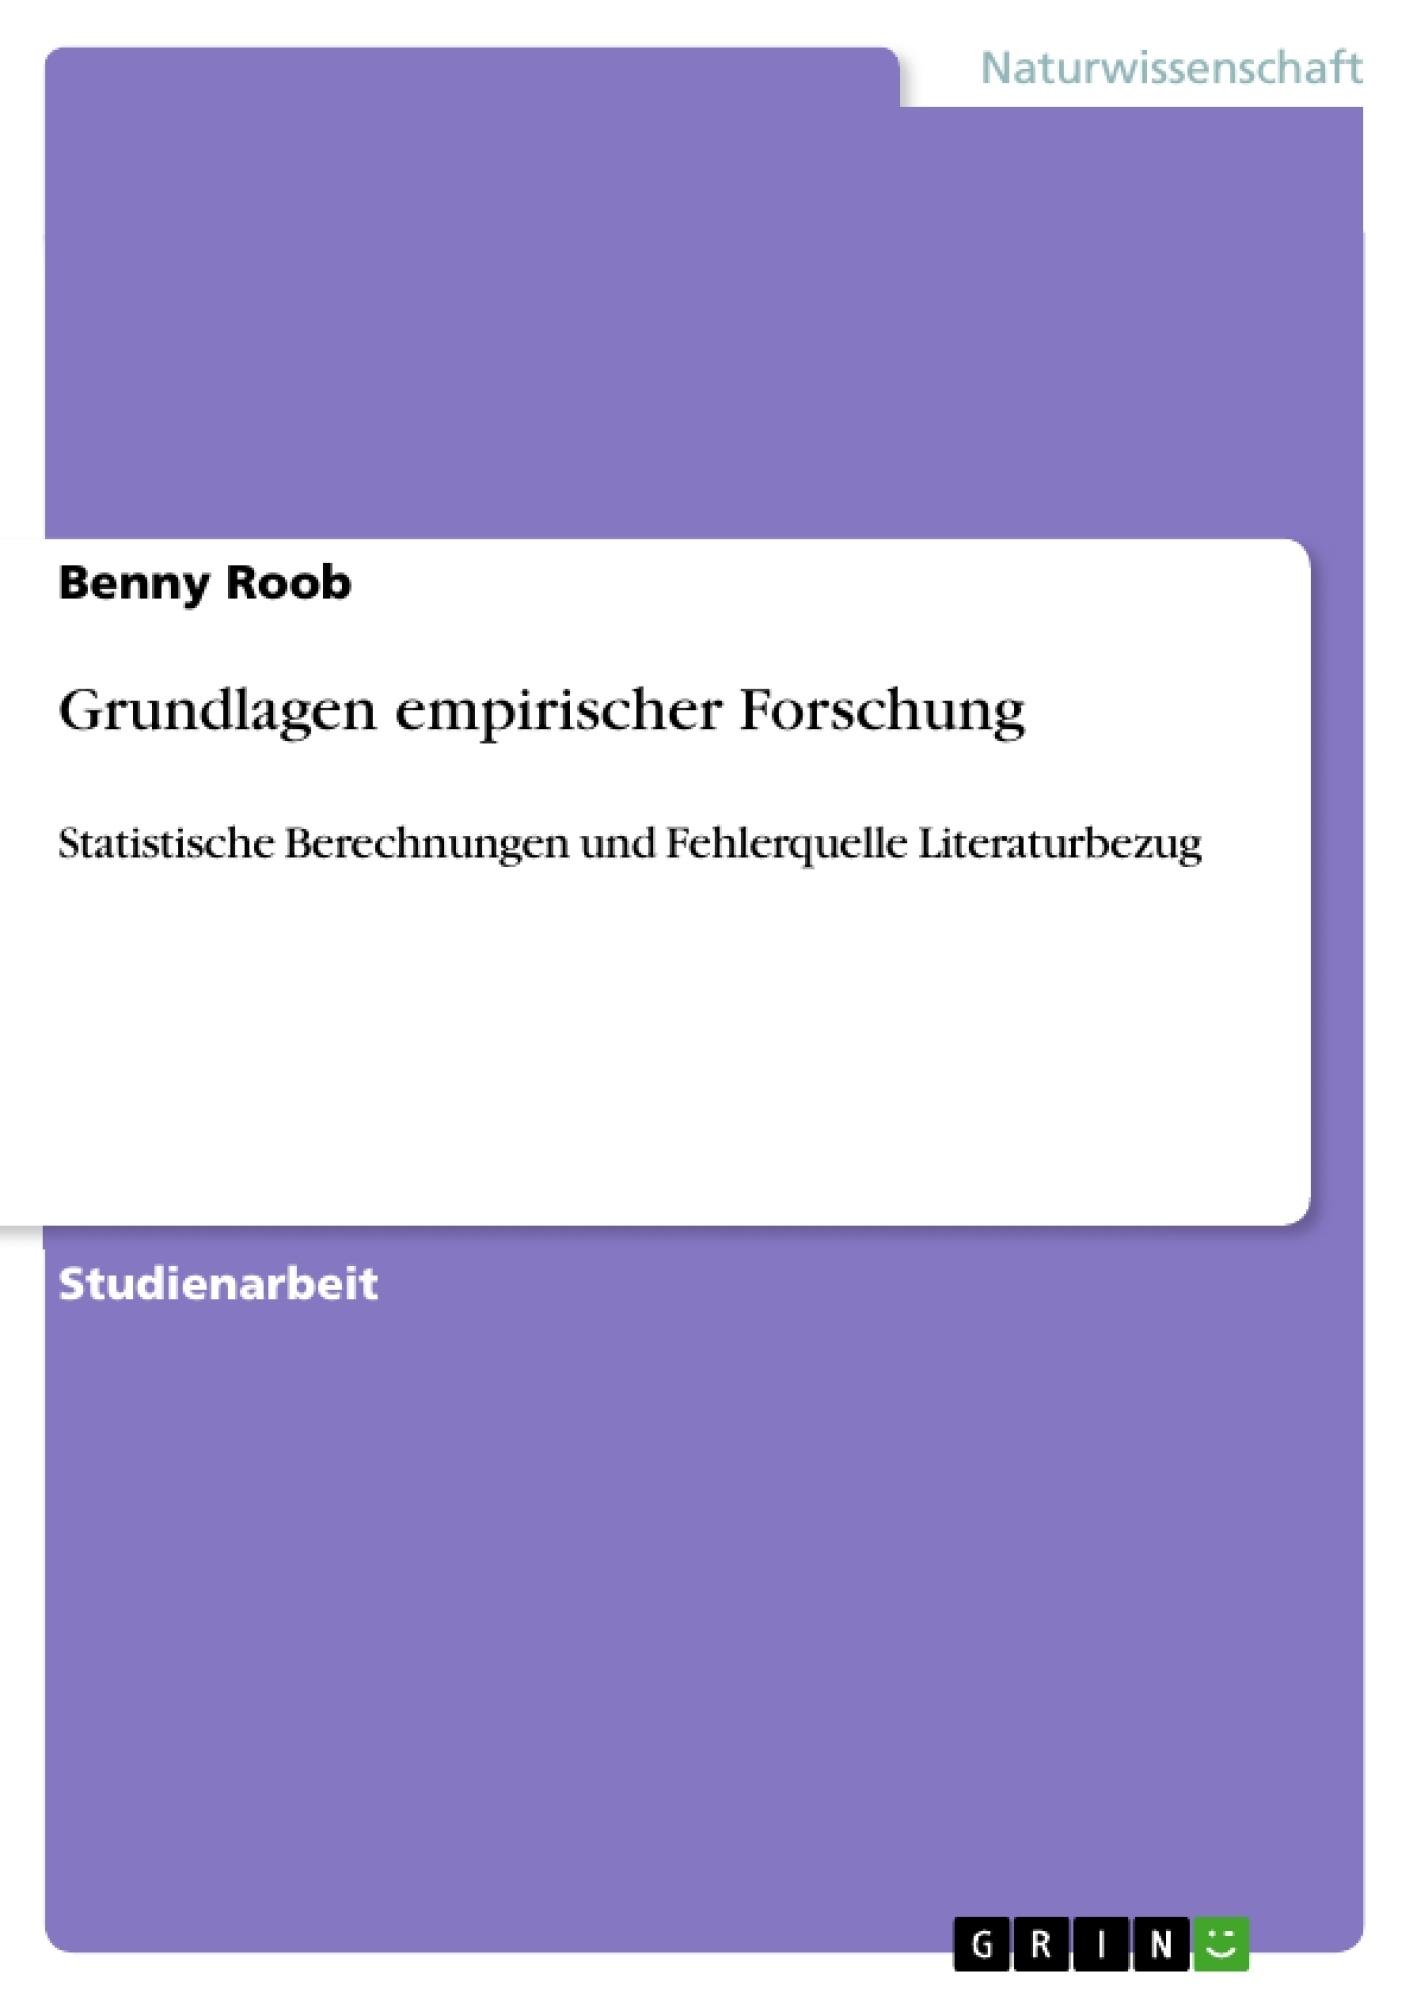 Titel: Grundlagen empirischer Forschung